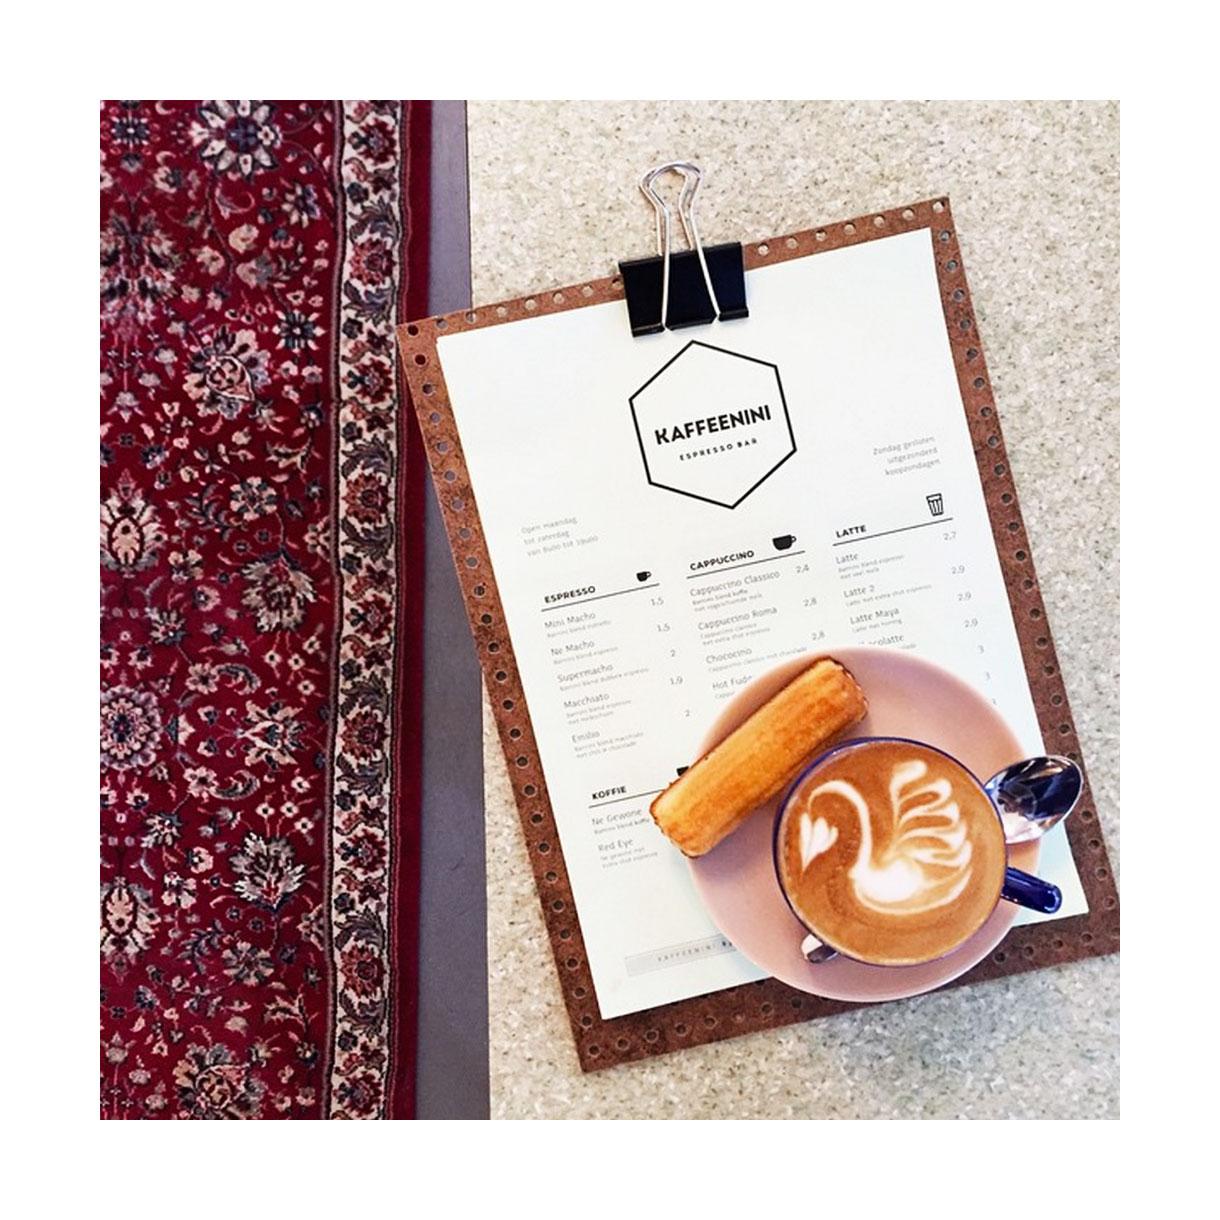 Kaffeenini-Foto-1